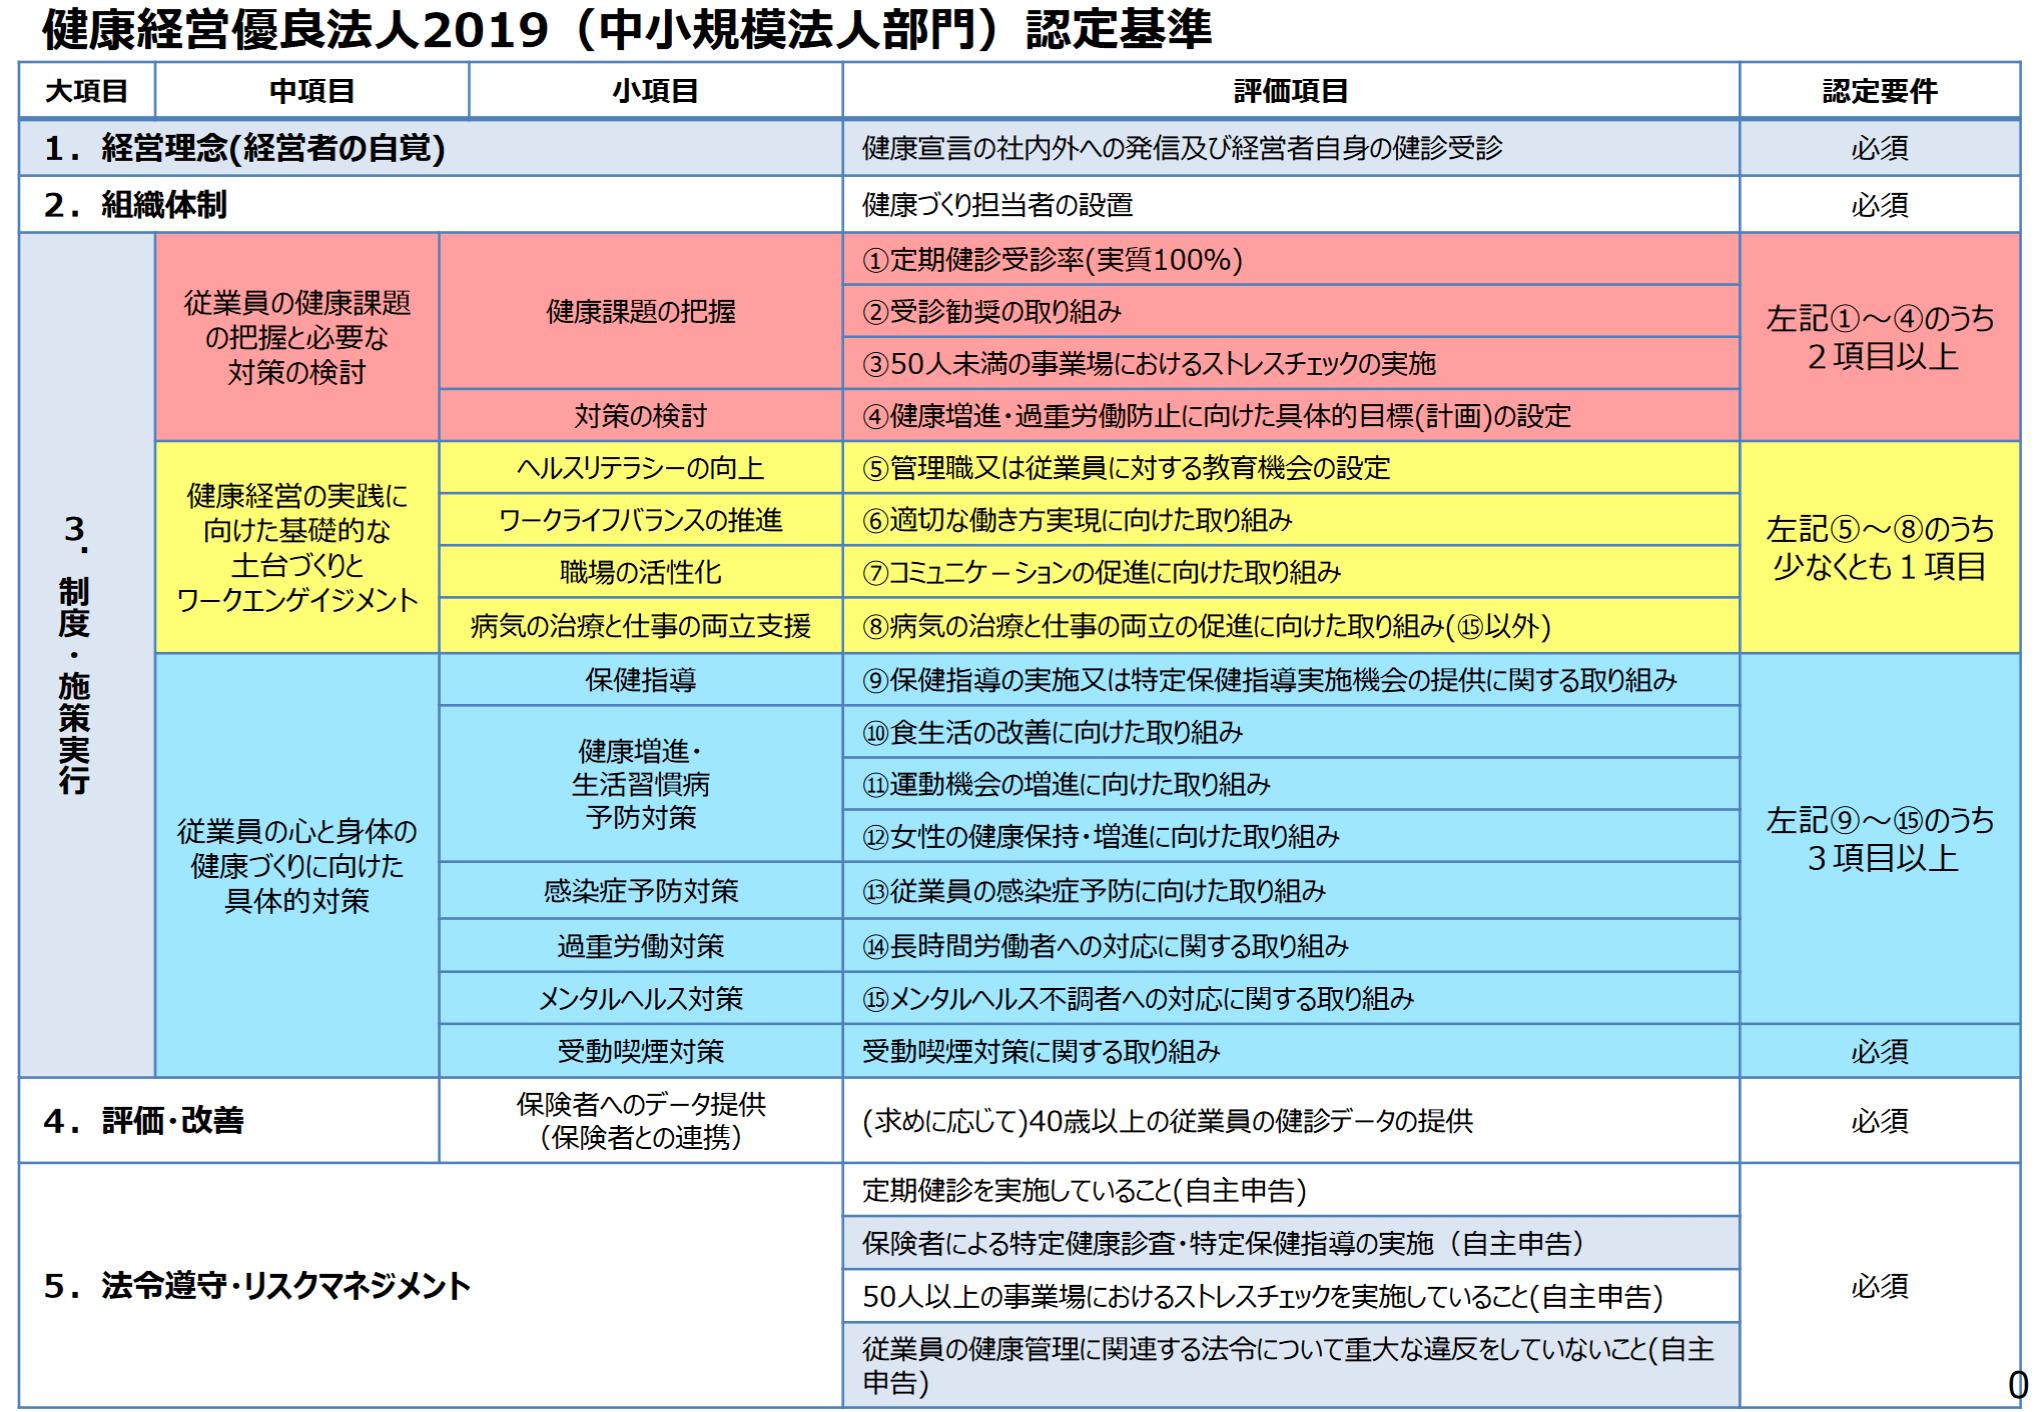 健康経営優良法人2019認定基準(中小規模法人部門)-1